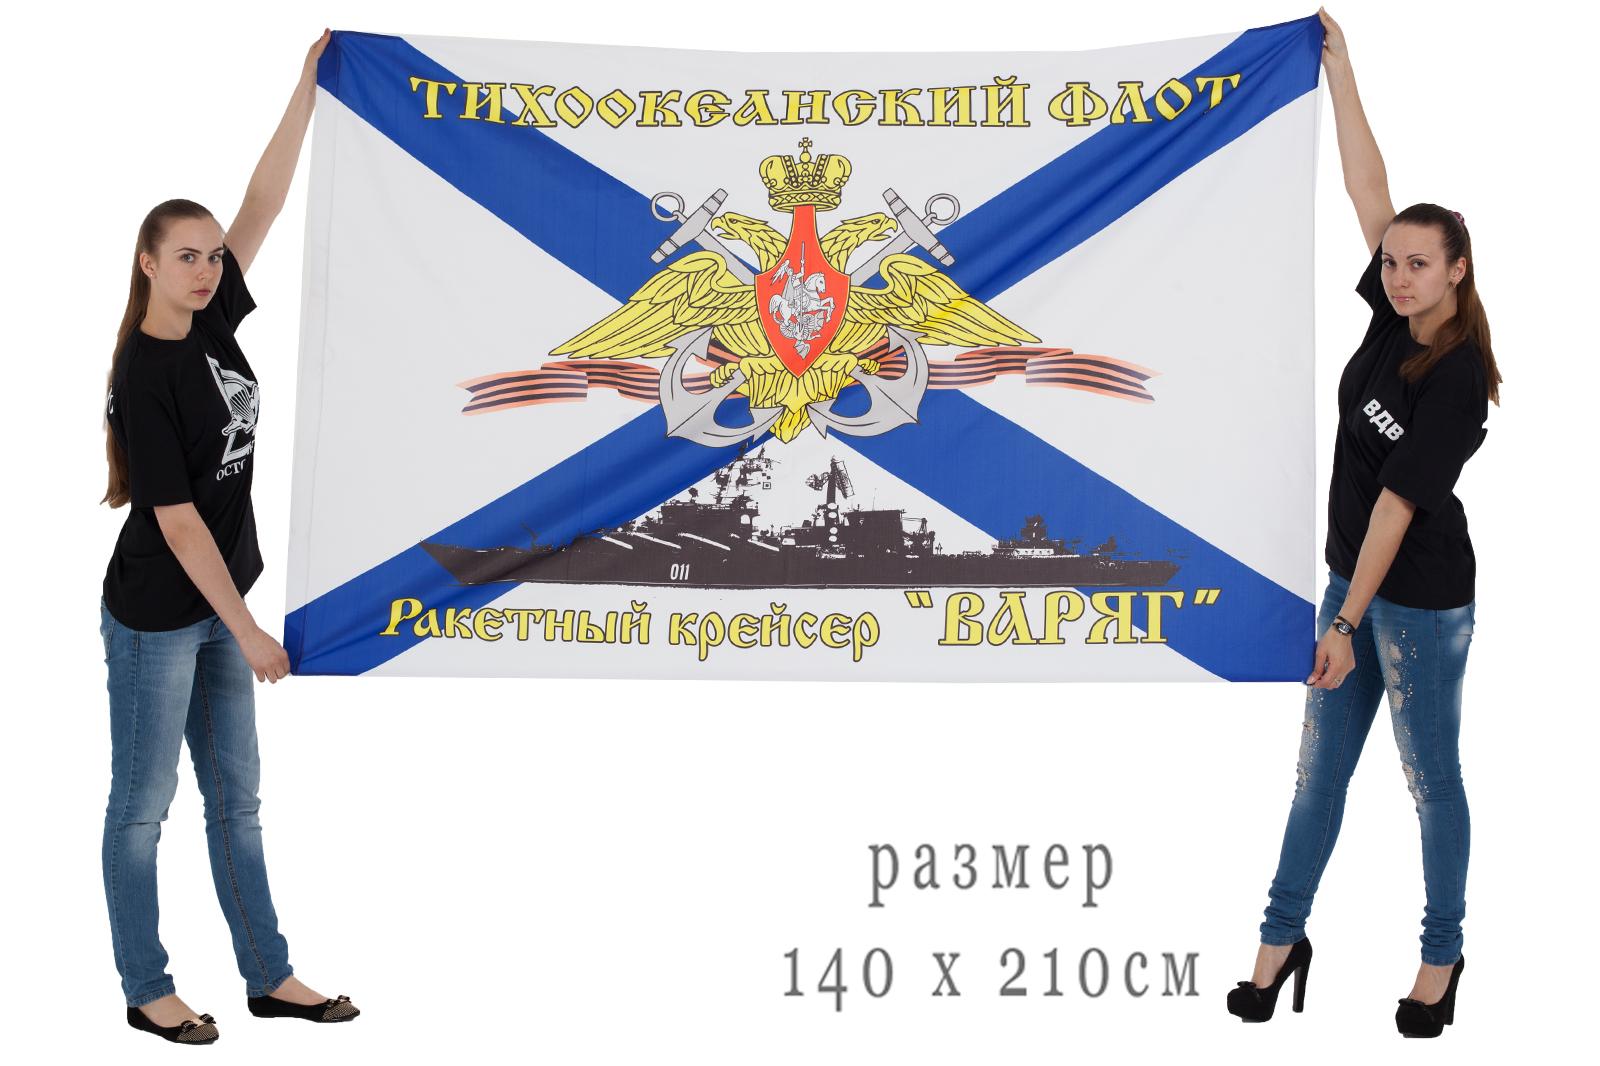 Купить флаги Тихоокеанского флота